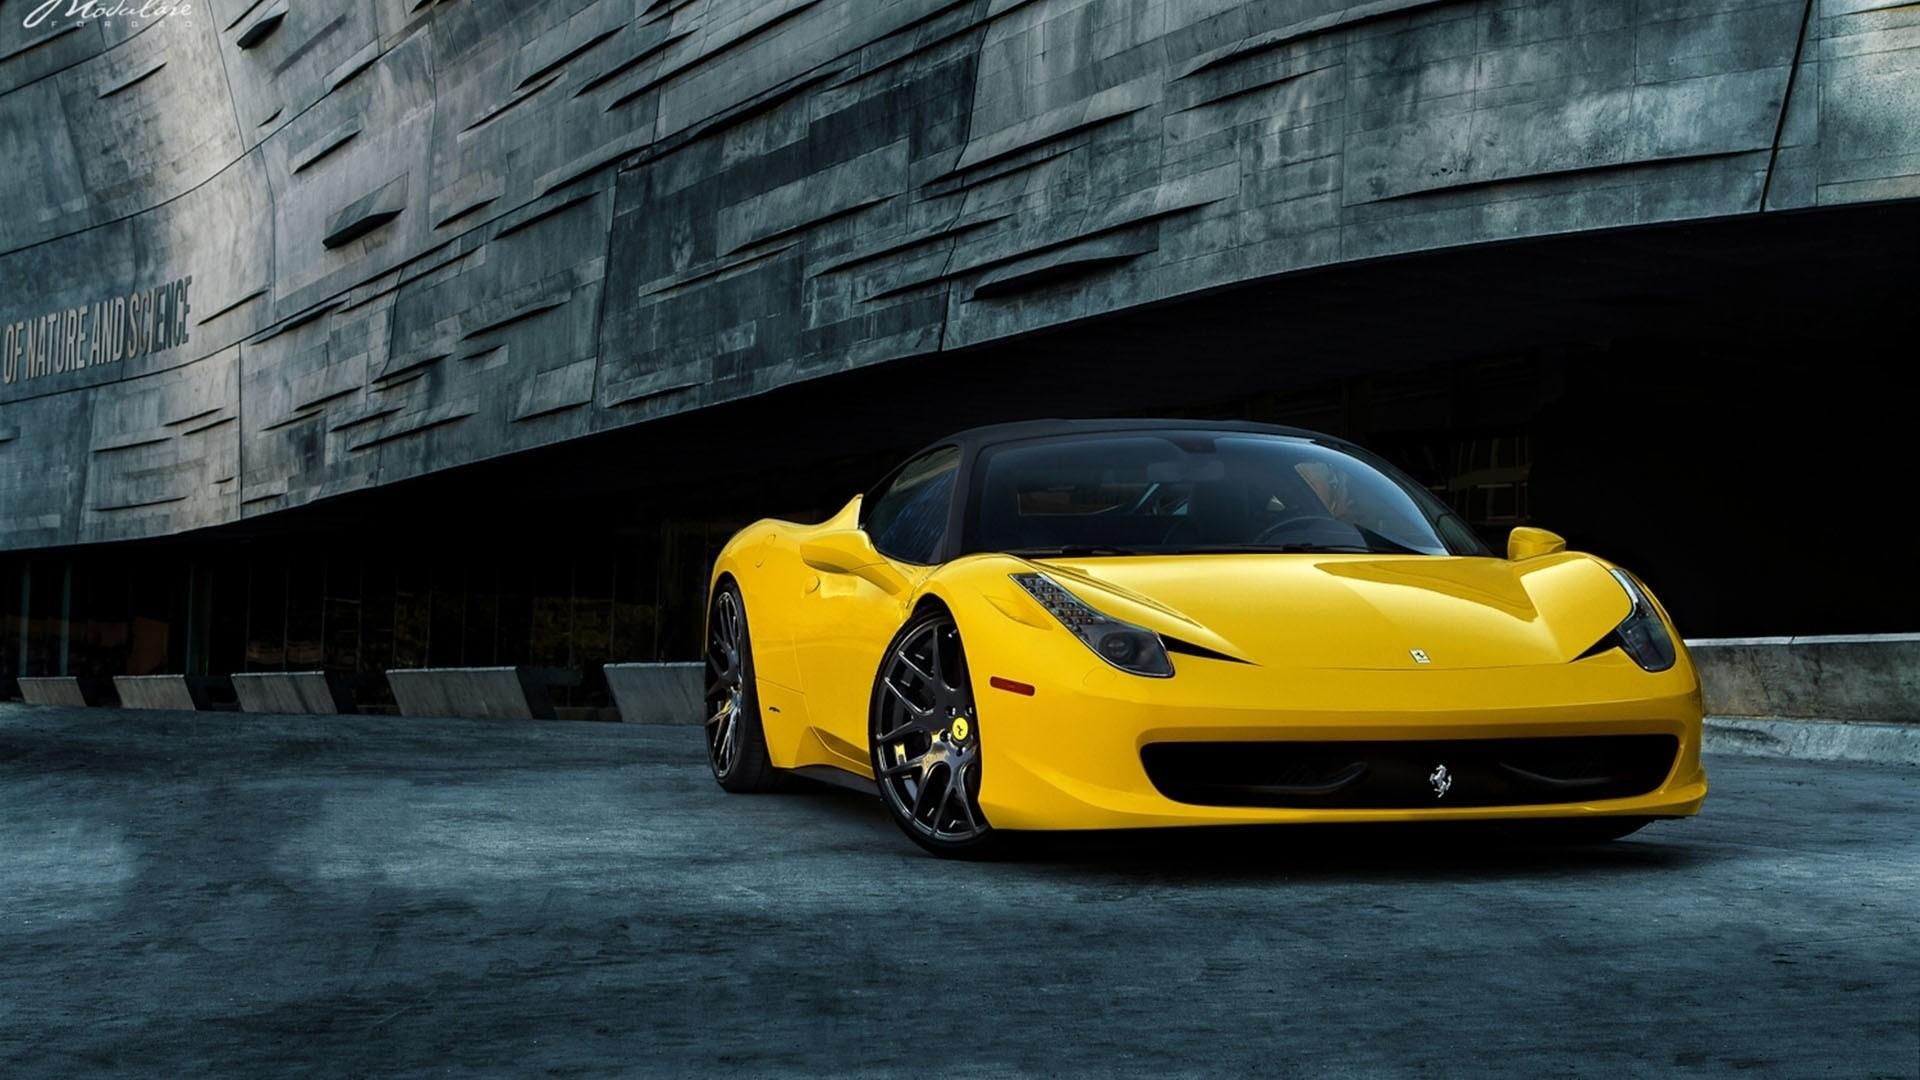 Res: 1920x1080, Hd Wallpaper Ferrari